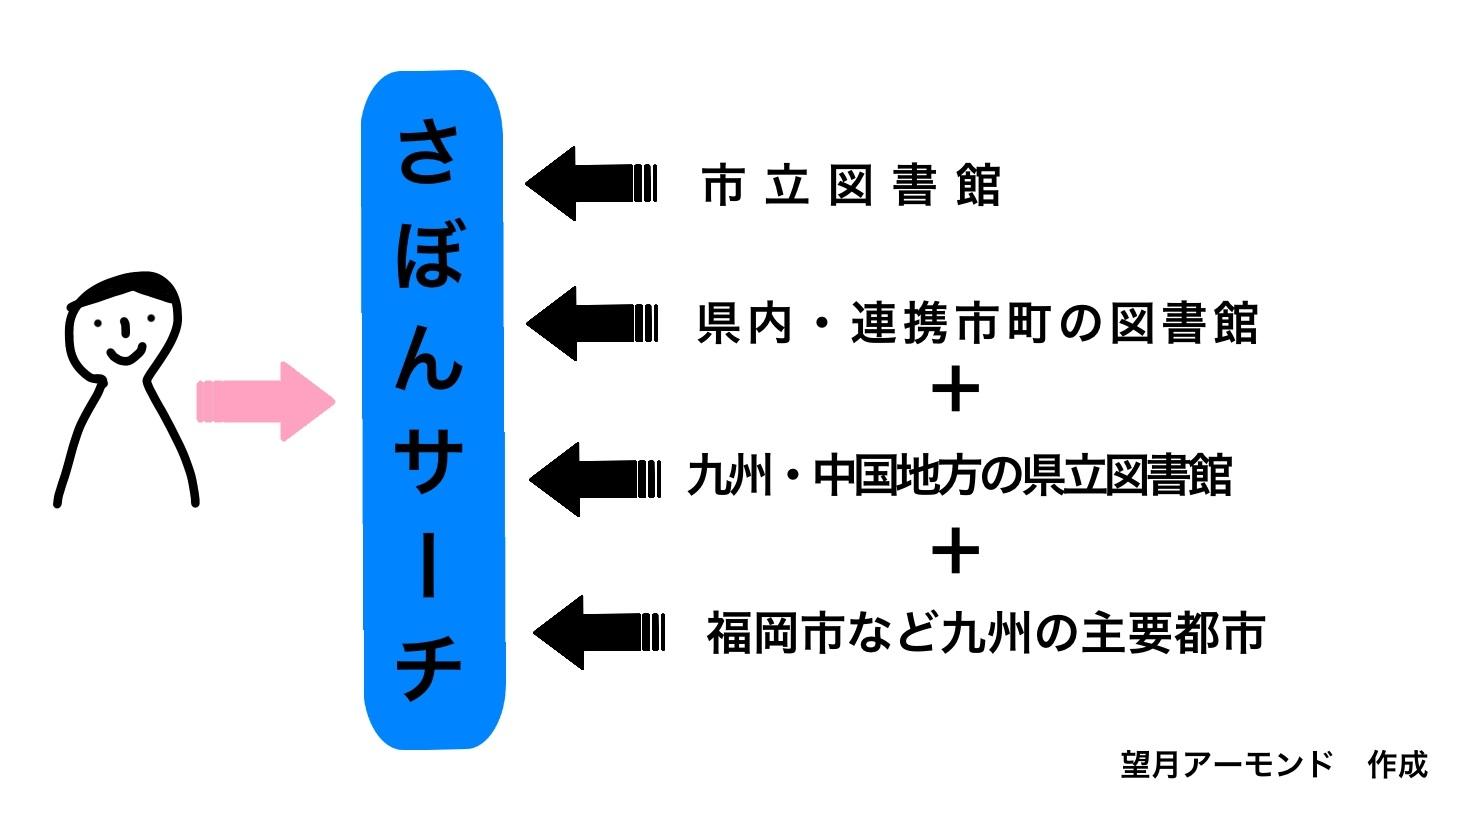 さぼんサーチイメージ図